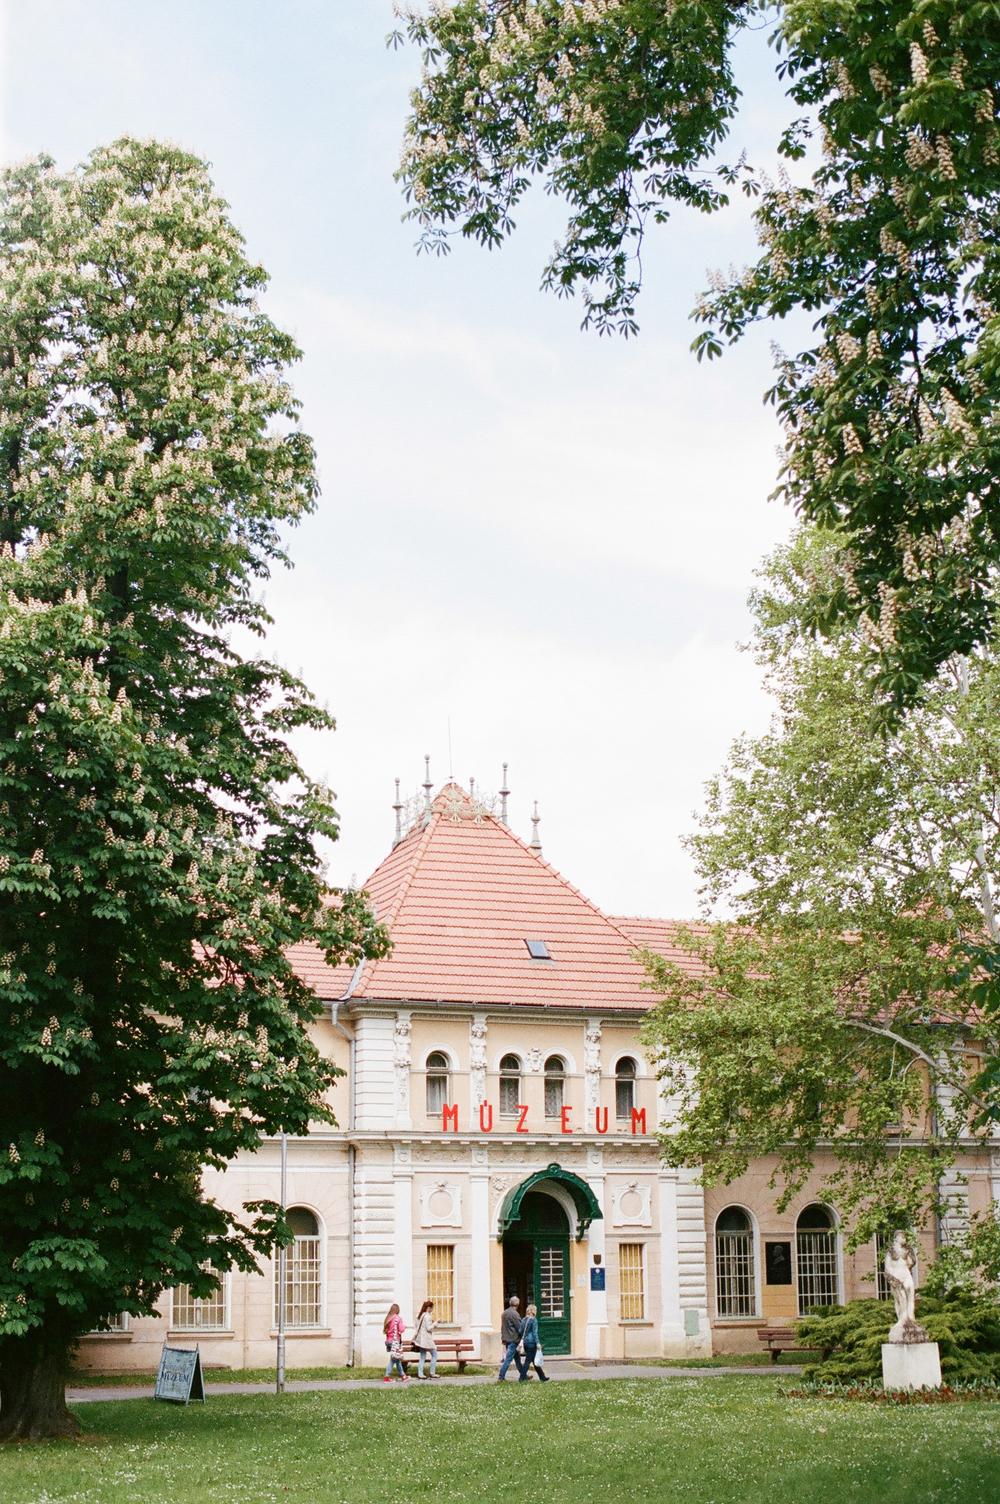 Michelle Cross in Piestany Slovakia-13.jpg